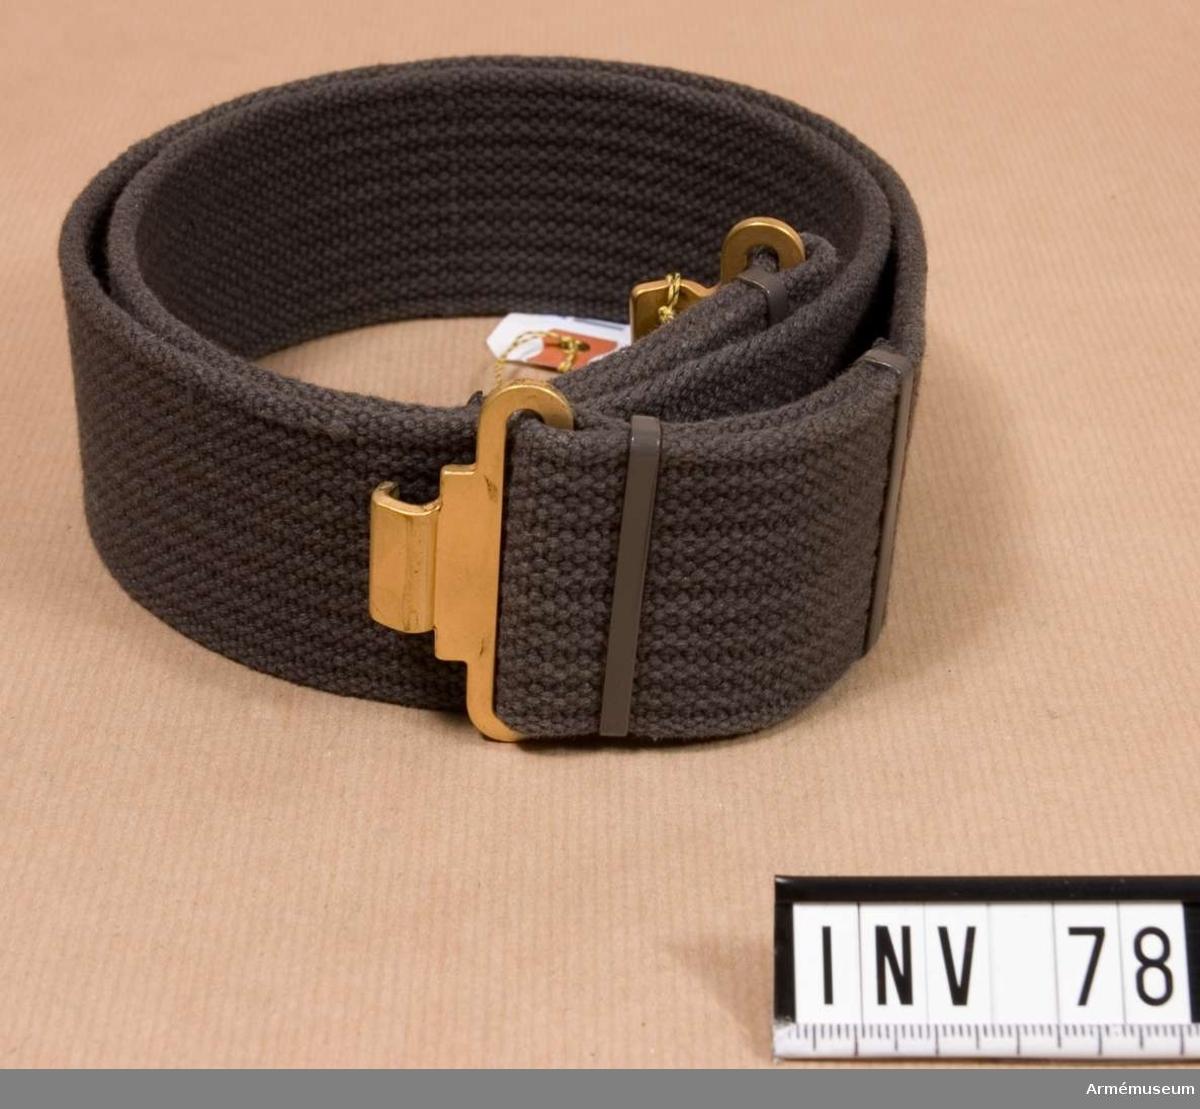 Samhörande nr är 1-119 (70-78, 119). Livrem m/1952: Av grå textil, bomull. Häktas fast med gulmetallkrokar. Har tillhört Gustav VI Adolf (1882-1973).